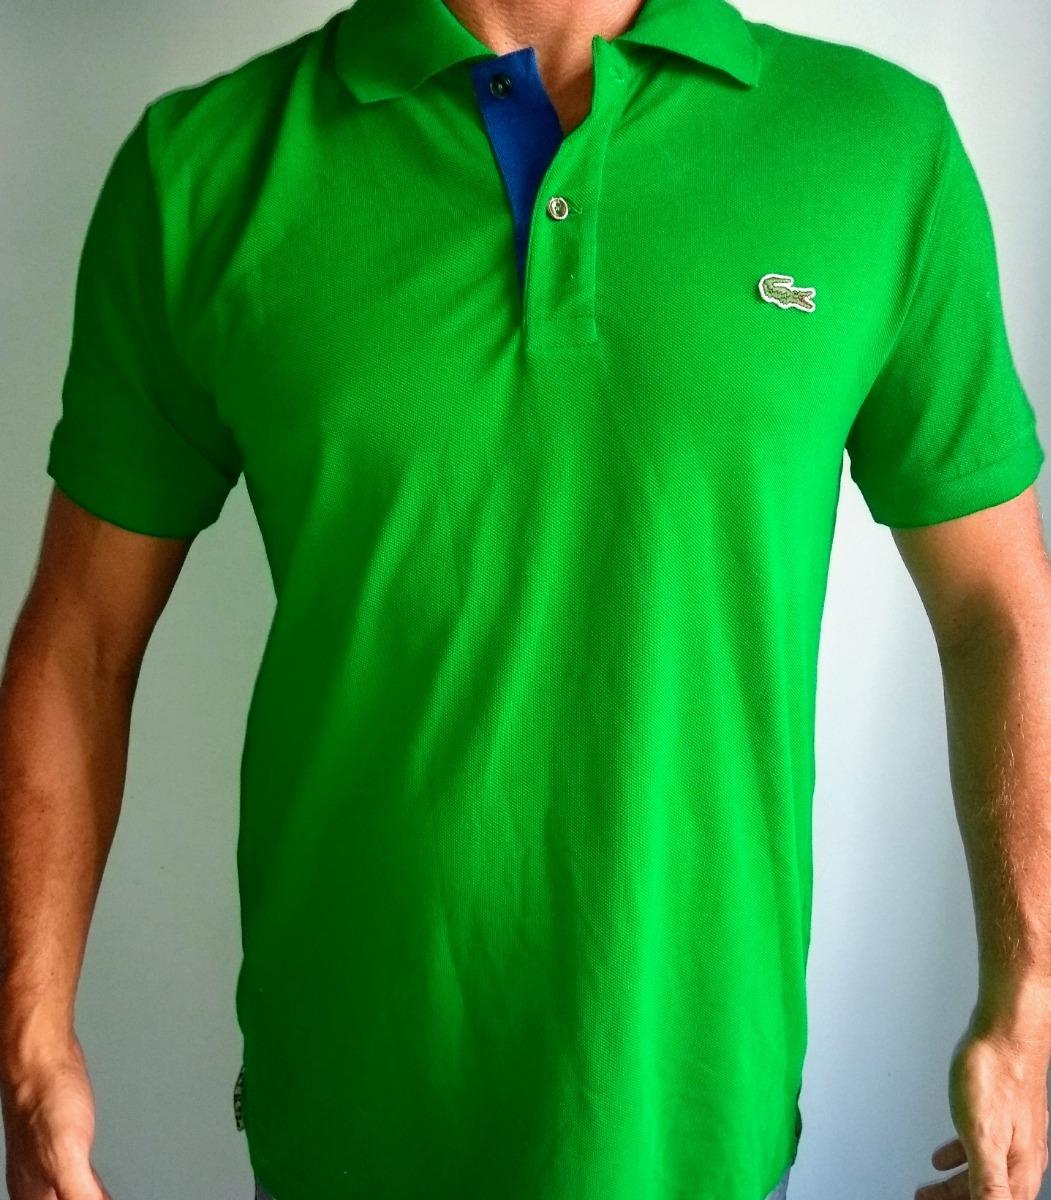 69778672e1 camisa gola polo lacoste verde original masculina classica!! Carregando  zoom.